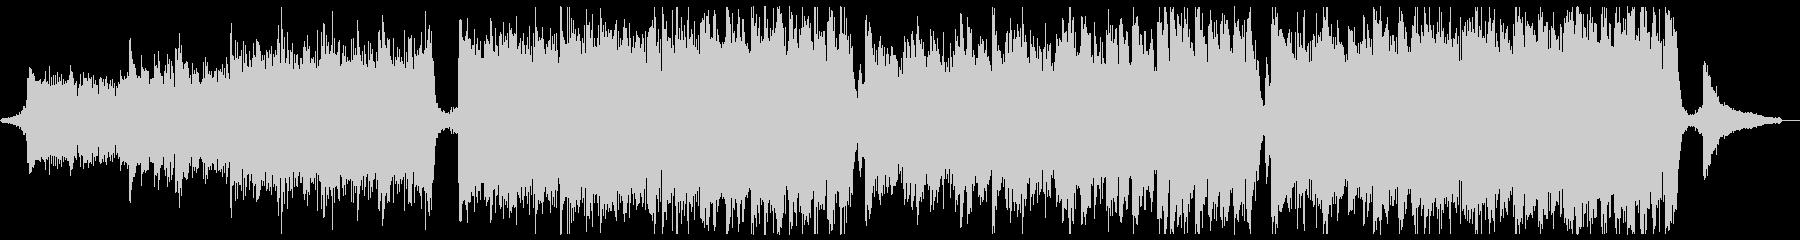 スポーツ格闘オーケストラ:効果音抜きの未再生の波形